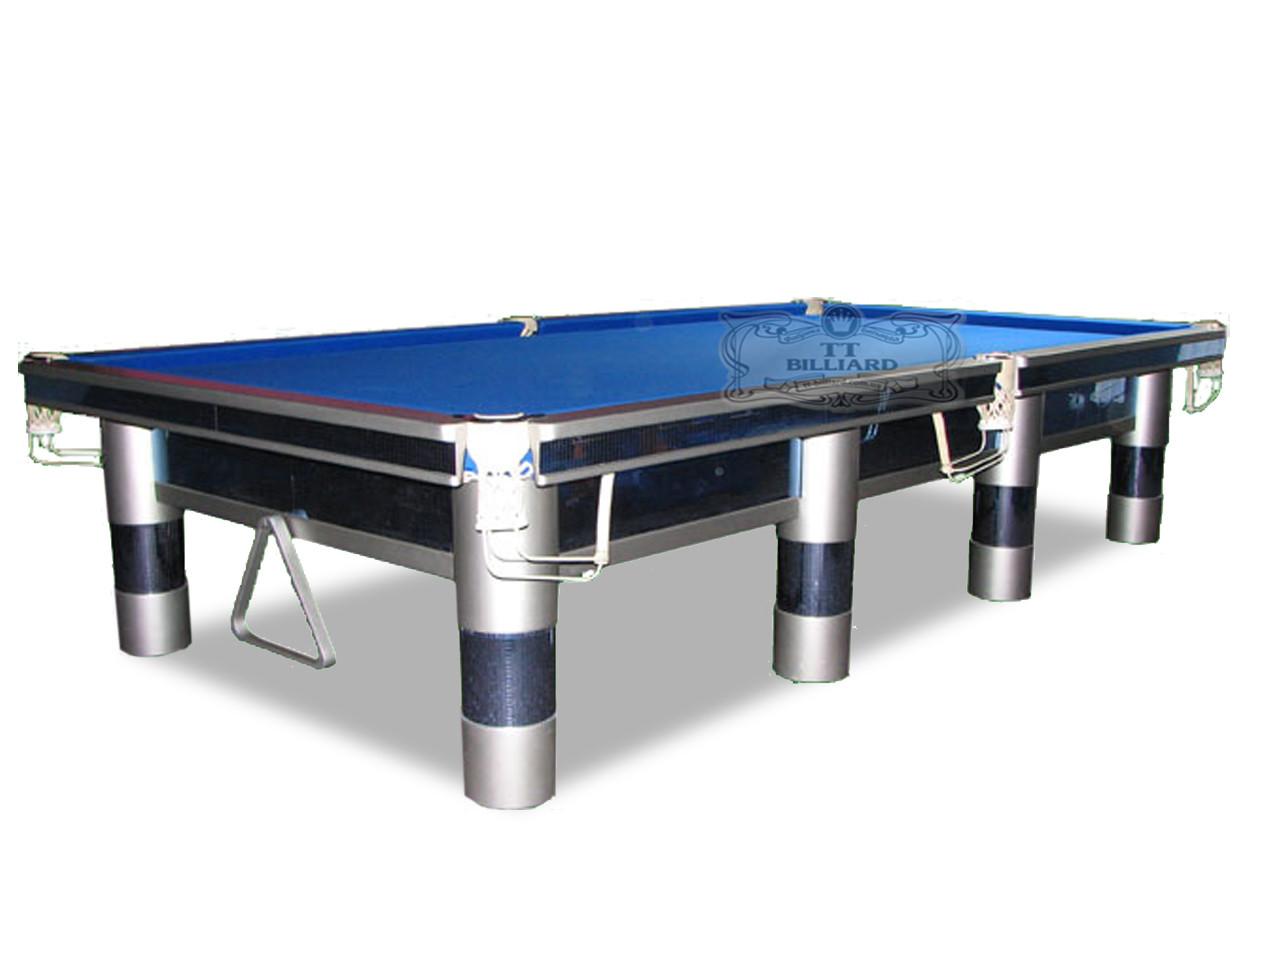 Більярдний стіл для піраміди ХАЙТЕК 9ф ардезія 2.6 м х 1.3 м